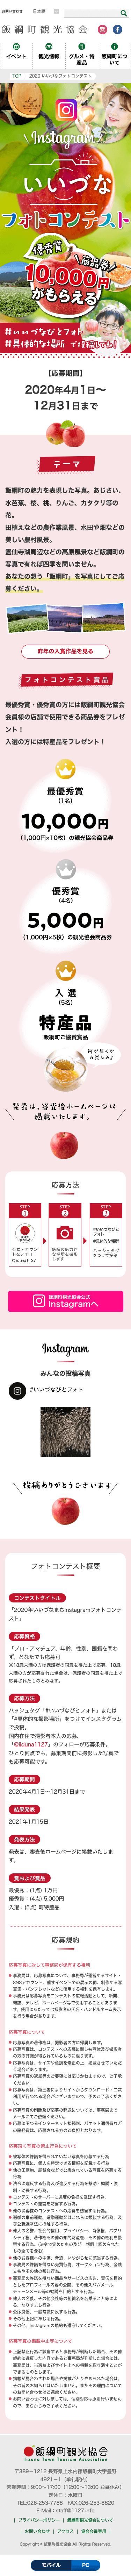 飯綱町観光協会フォトコンテストspイメージ